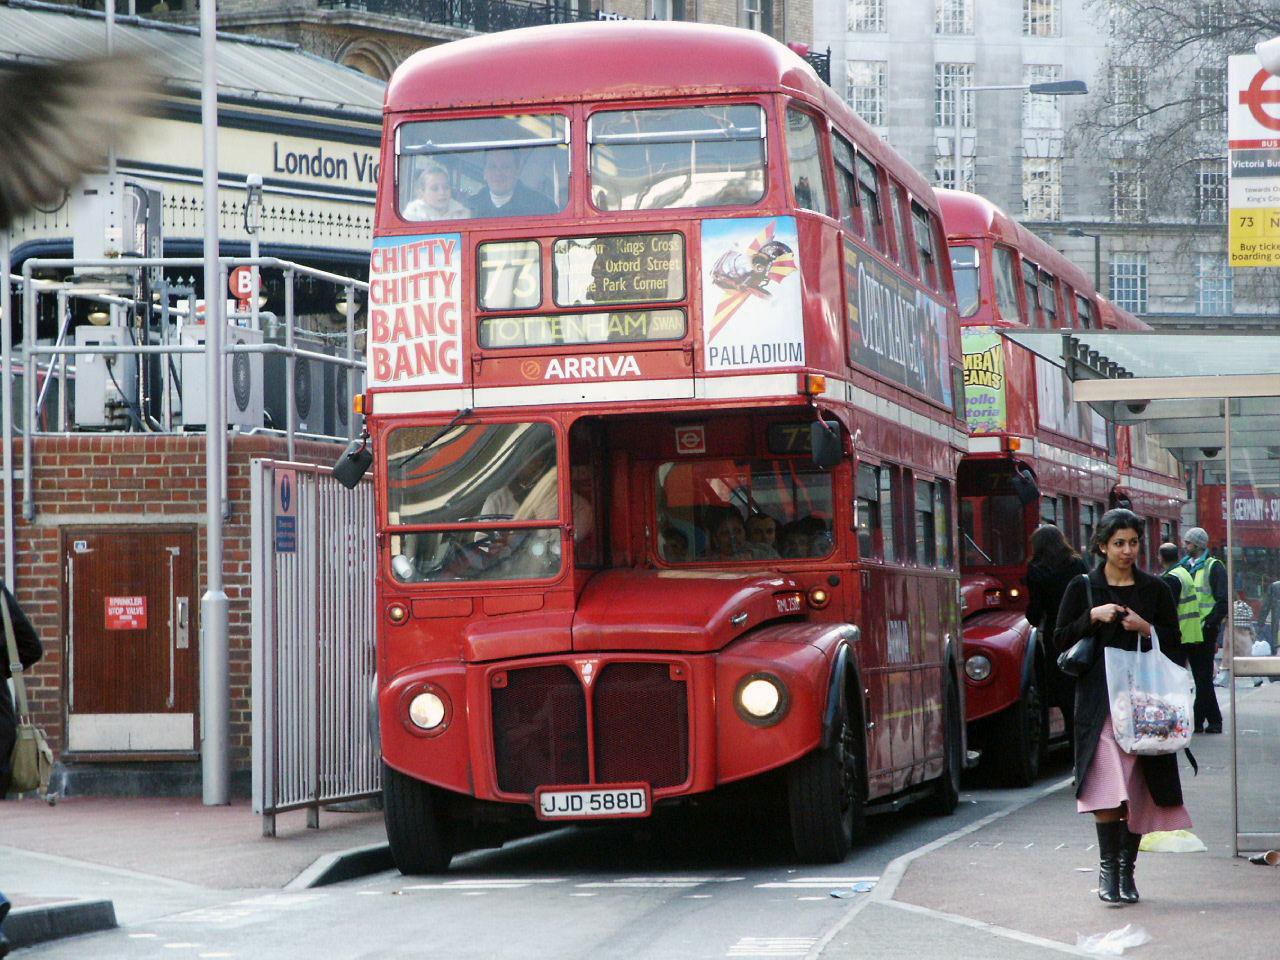 Routemaster_RML2588_%28JJD_588D%29%2C_6_March_2004.jpg